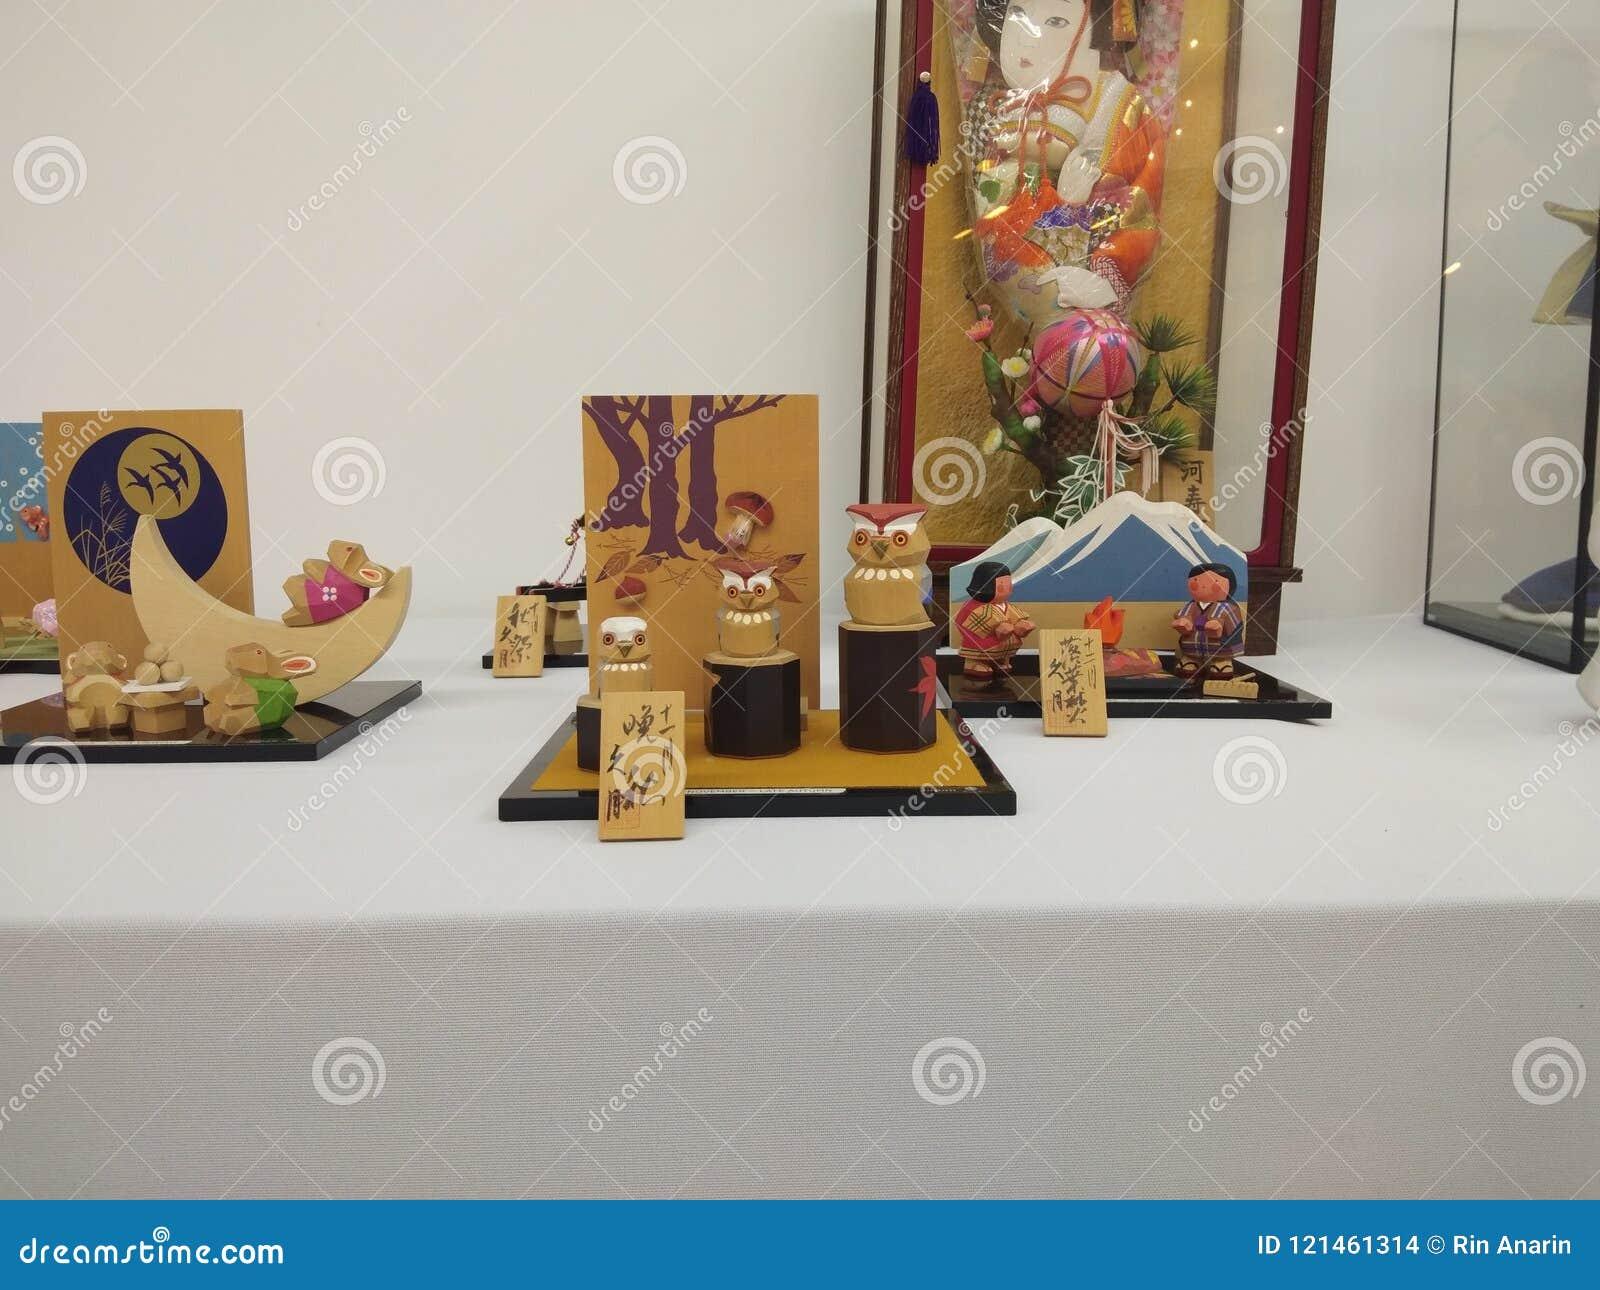 Japan Tiny Model